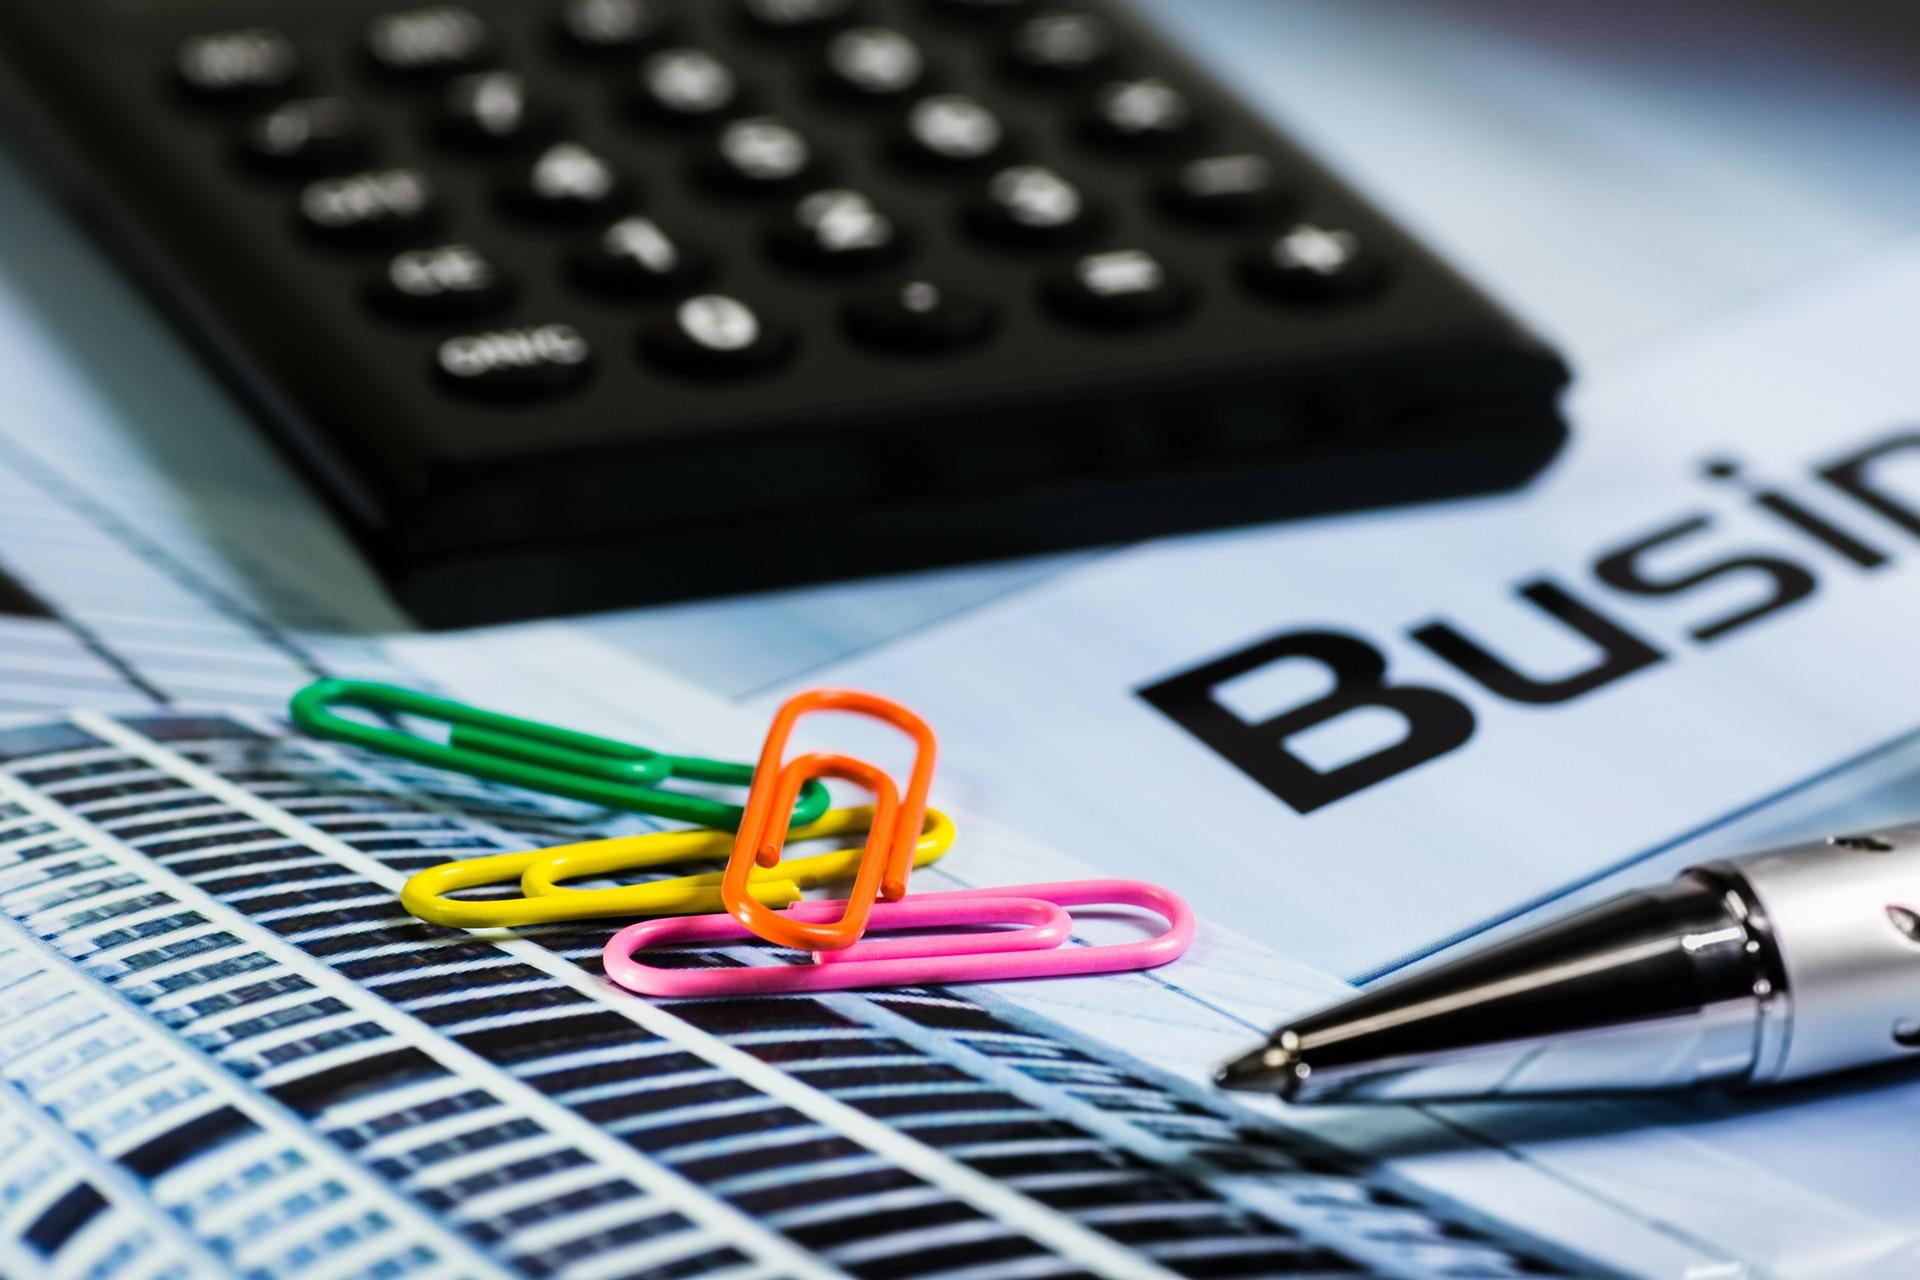 Податкова не проводитиме перевірки малого та середнього бізнесу у 2021 році